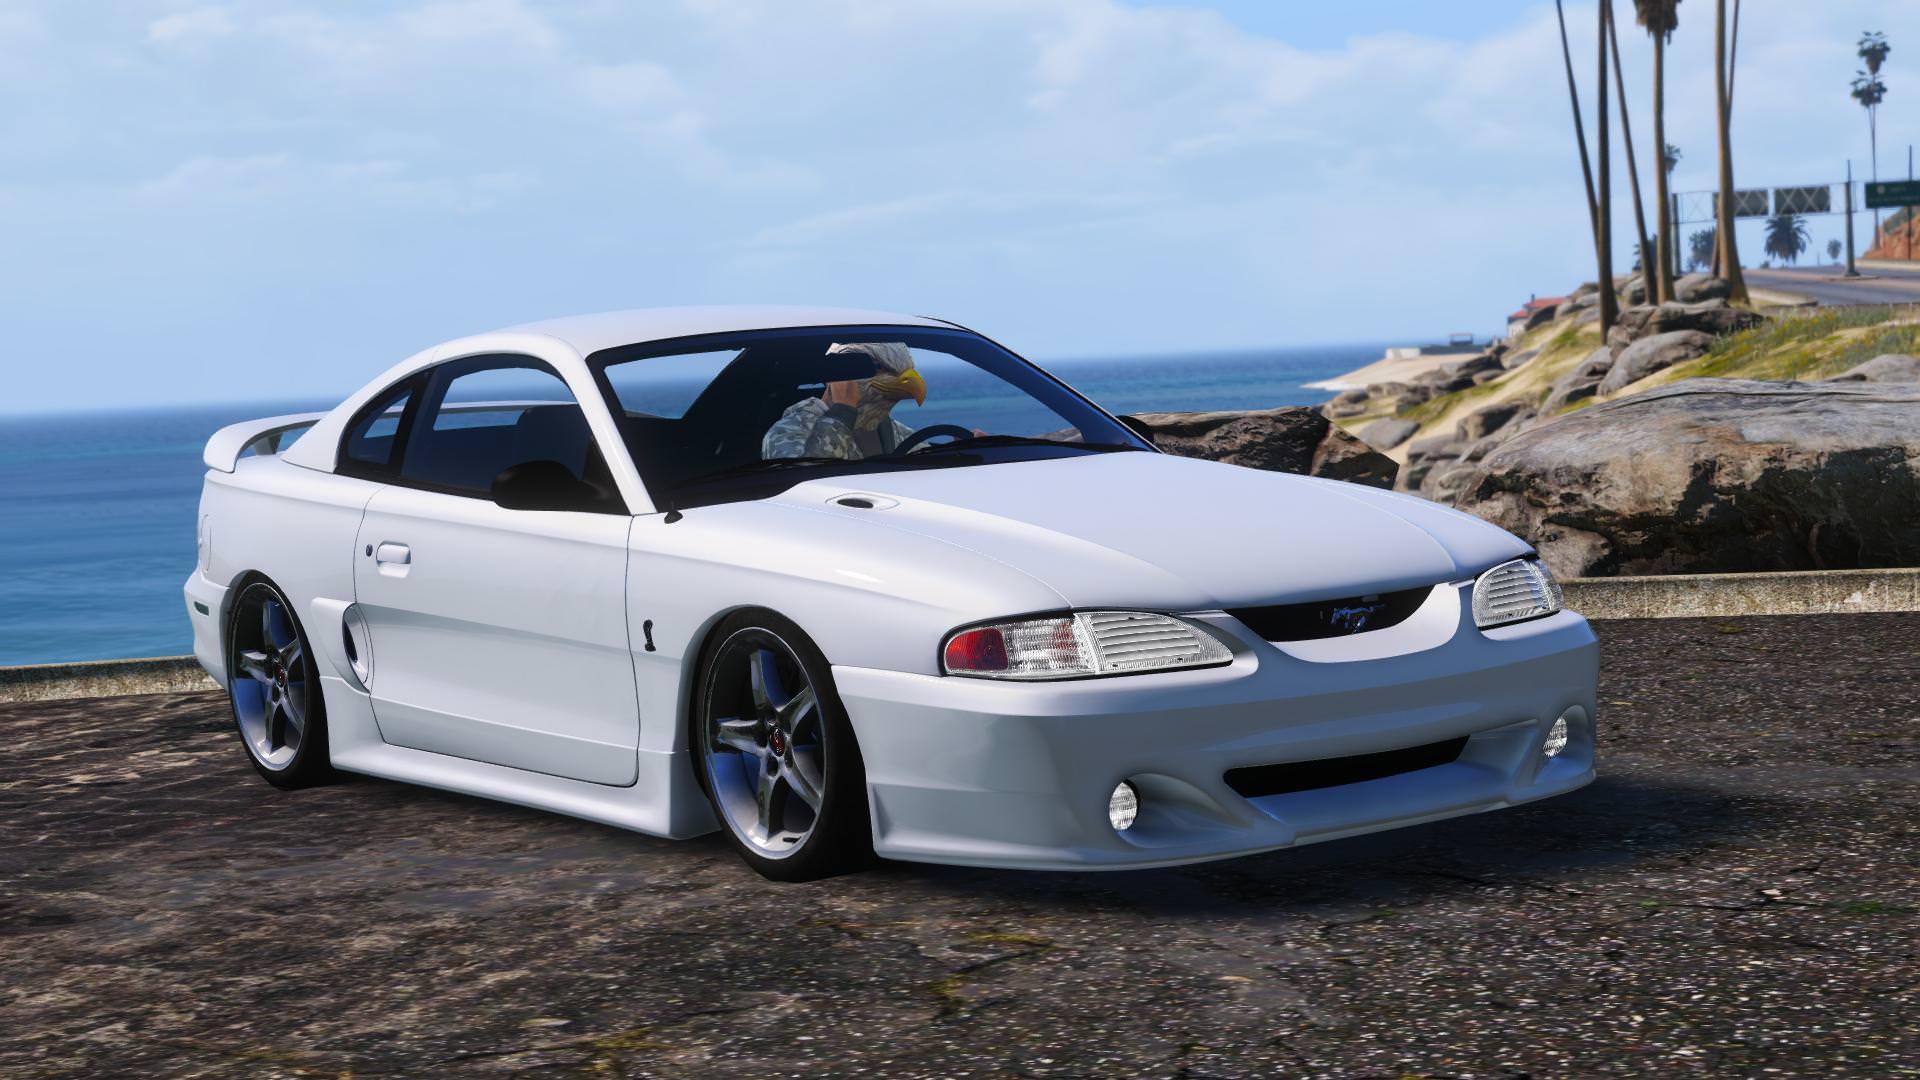 """Vaizdo rezultatas pagal užklausą """"Ford Mustang 1995 gta 5"""""""